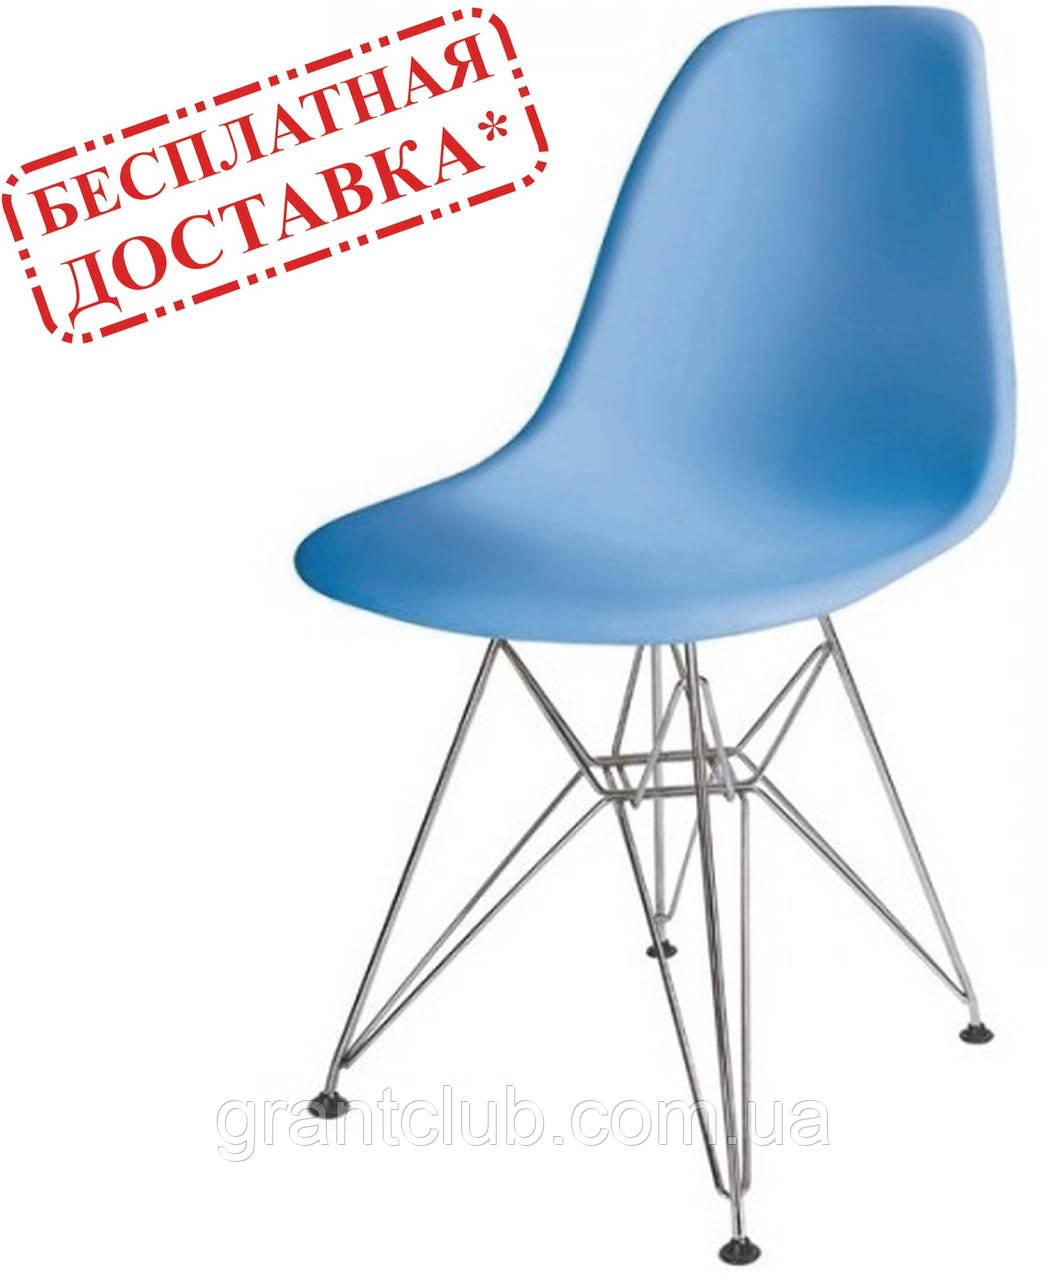 Стілець Тауер блакитний пластик ніжки хром СДМ група (безкоштовна доставка)